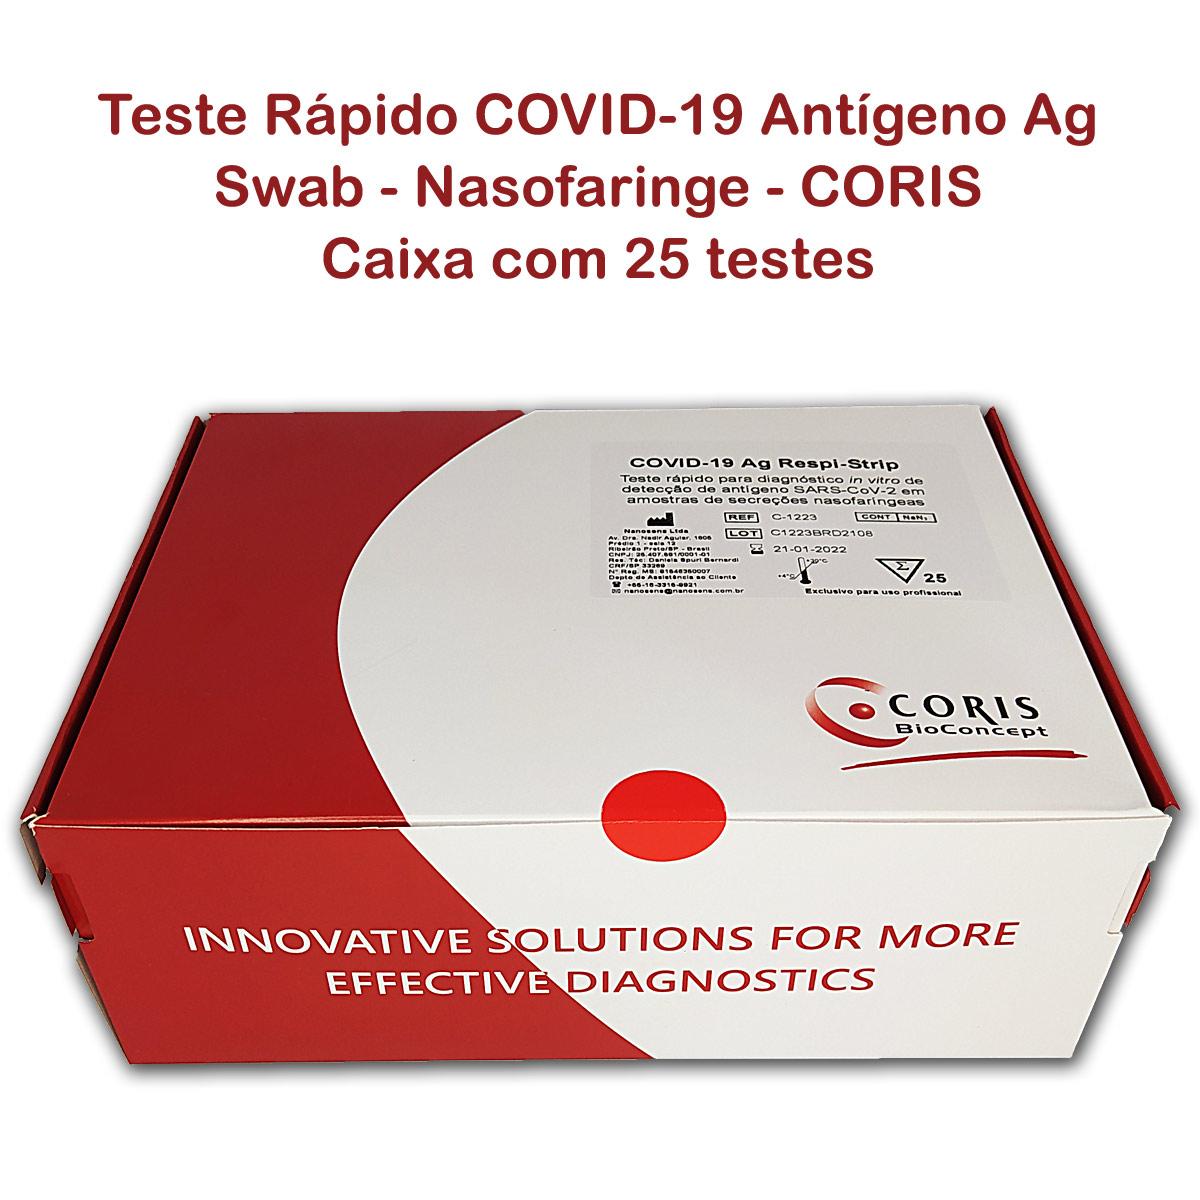 Teste Rápido COVID-19 Antígeno Ag - CORIS - Caixa com 25 testes/kit  - Testes Para COVID e Drogas. Máscaras Descartáveis e Suplementos e Anti Tabaco